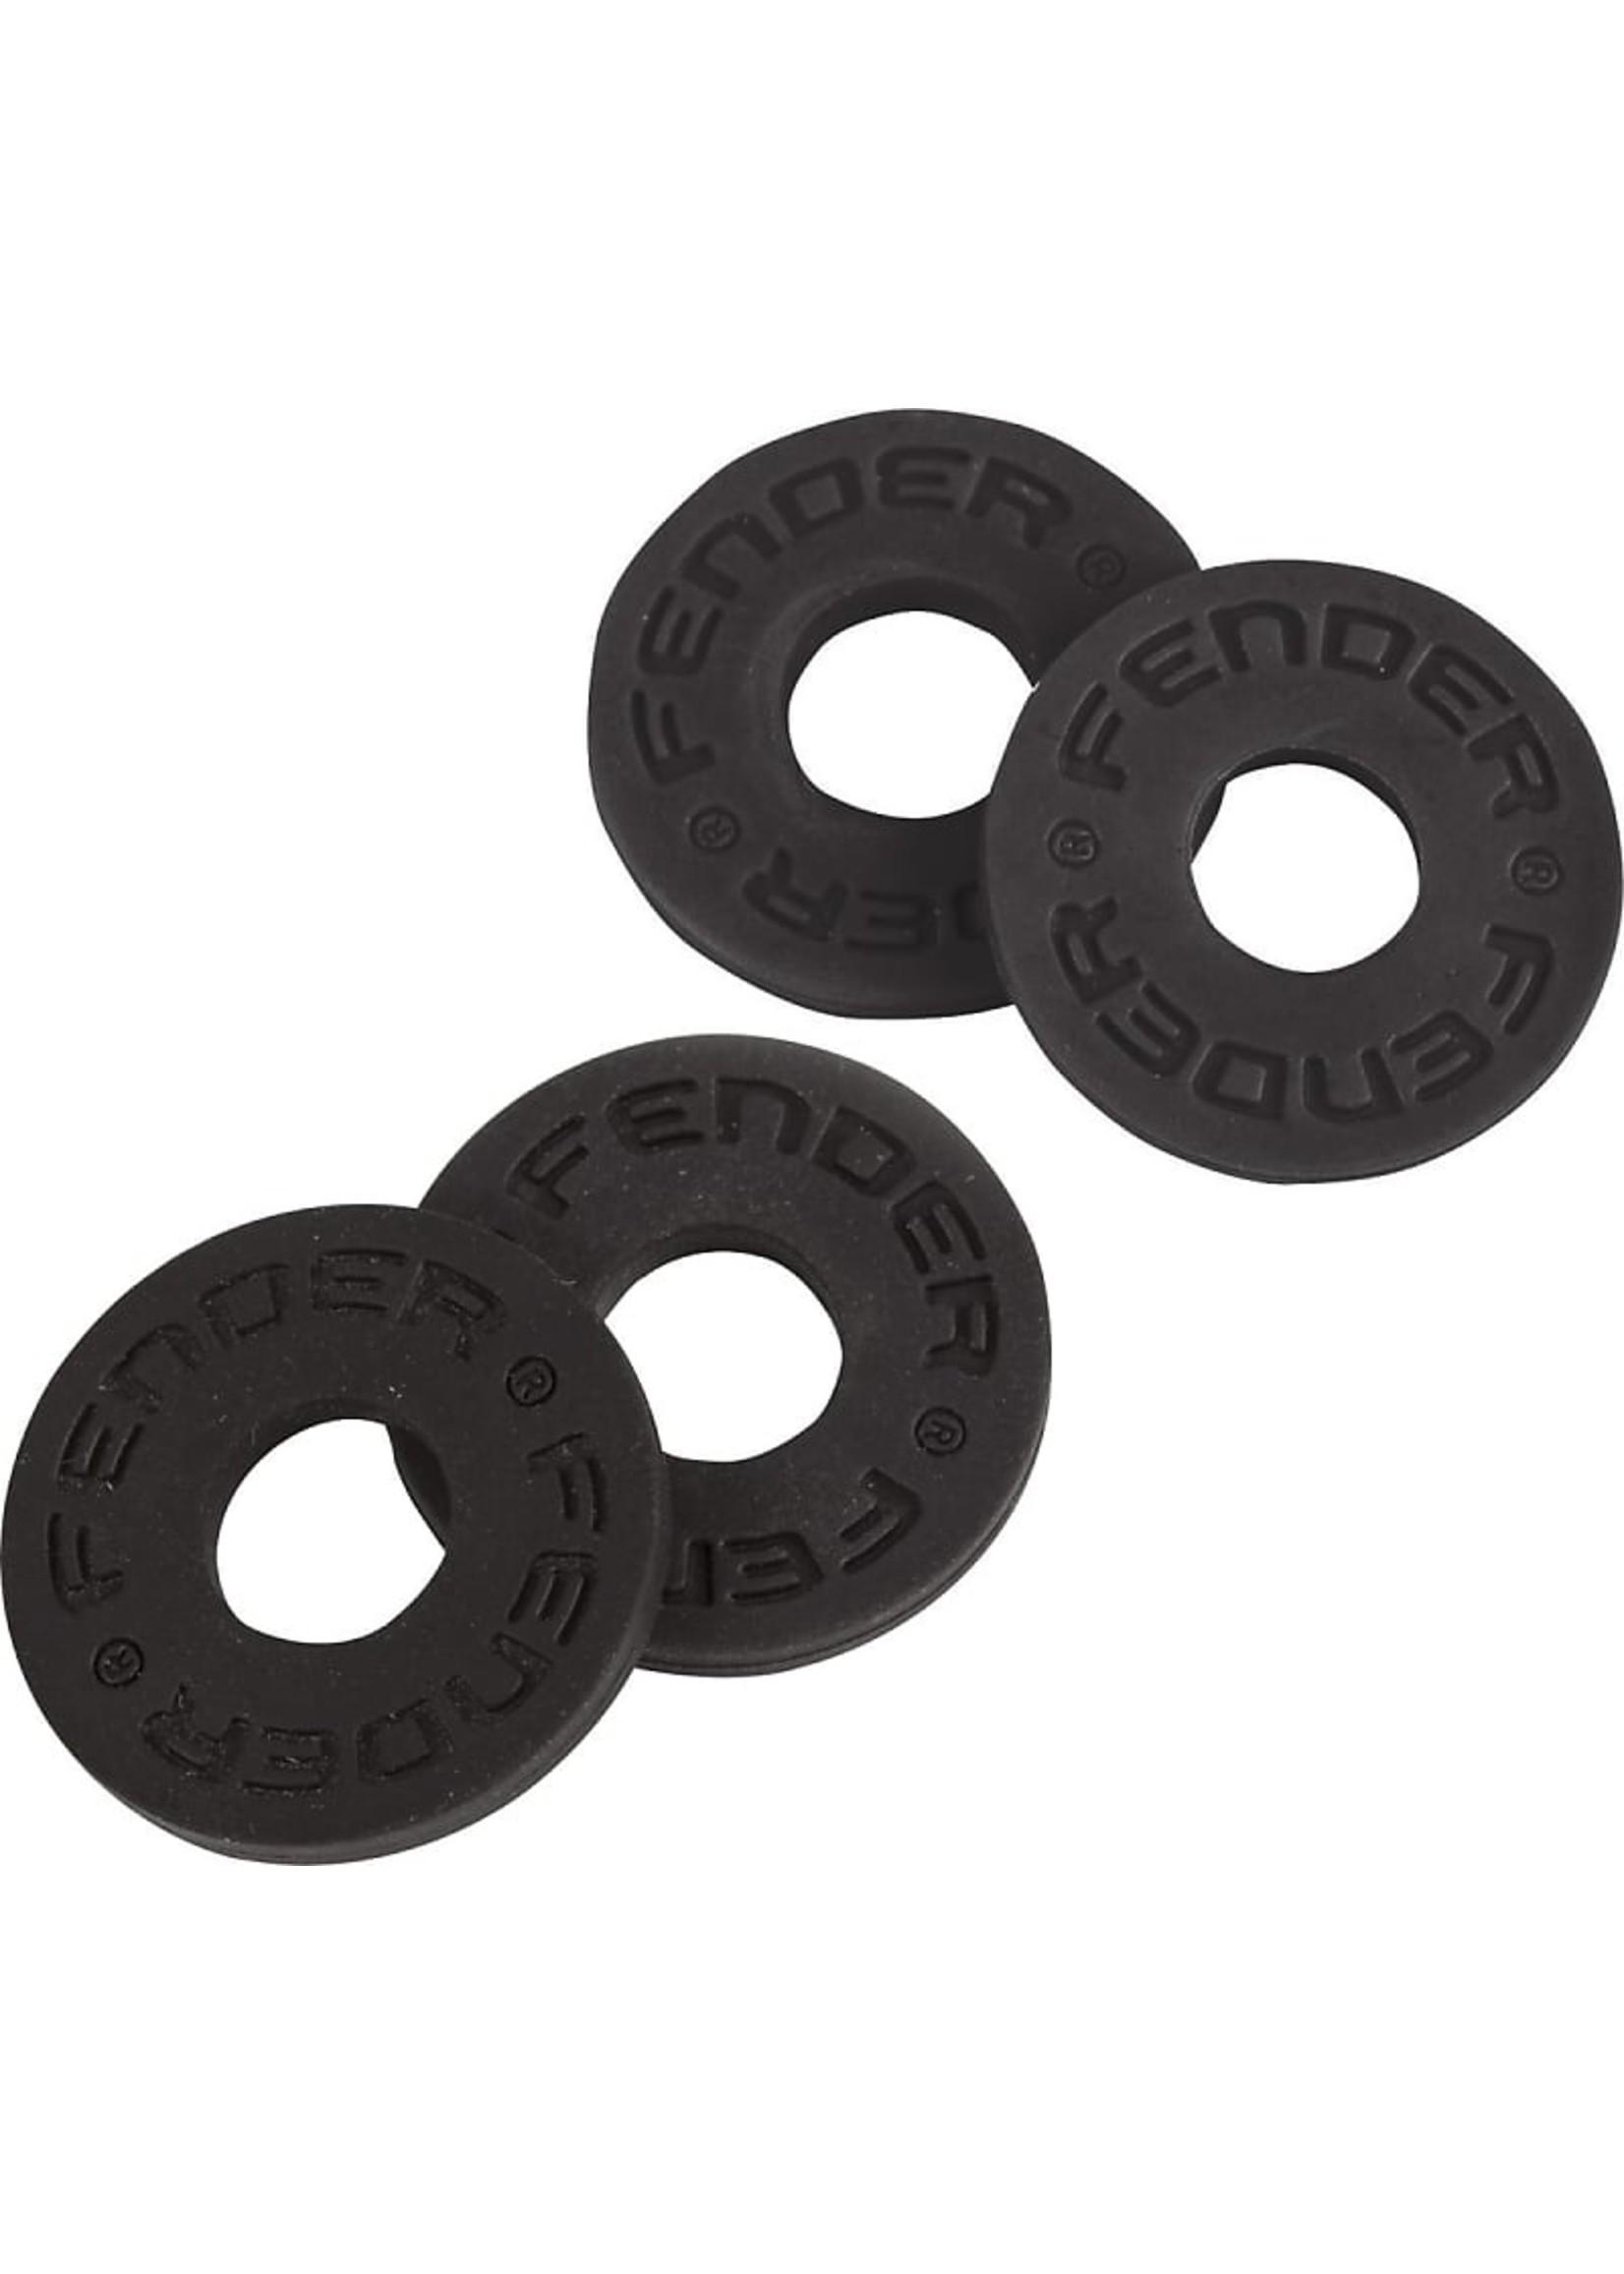 Fender® Strap Blocks 4-Pack, Black